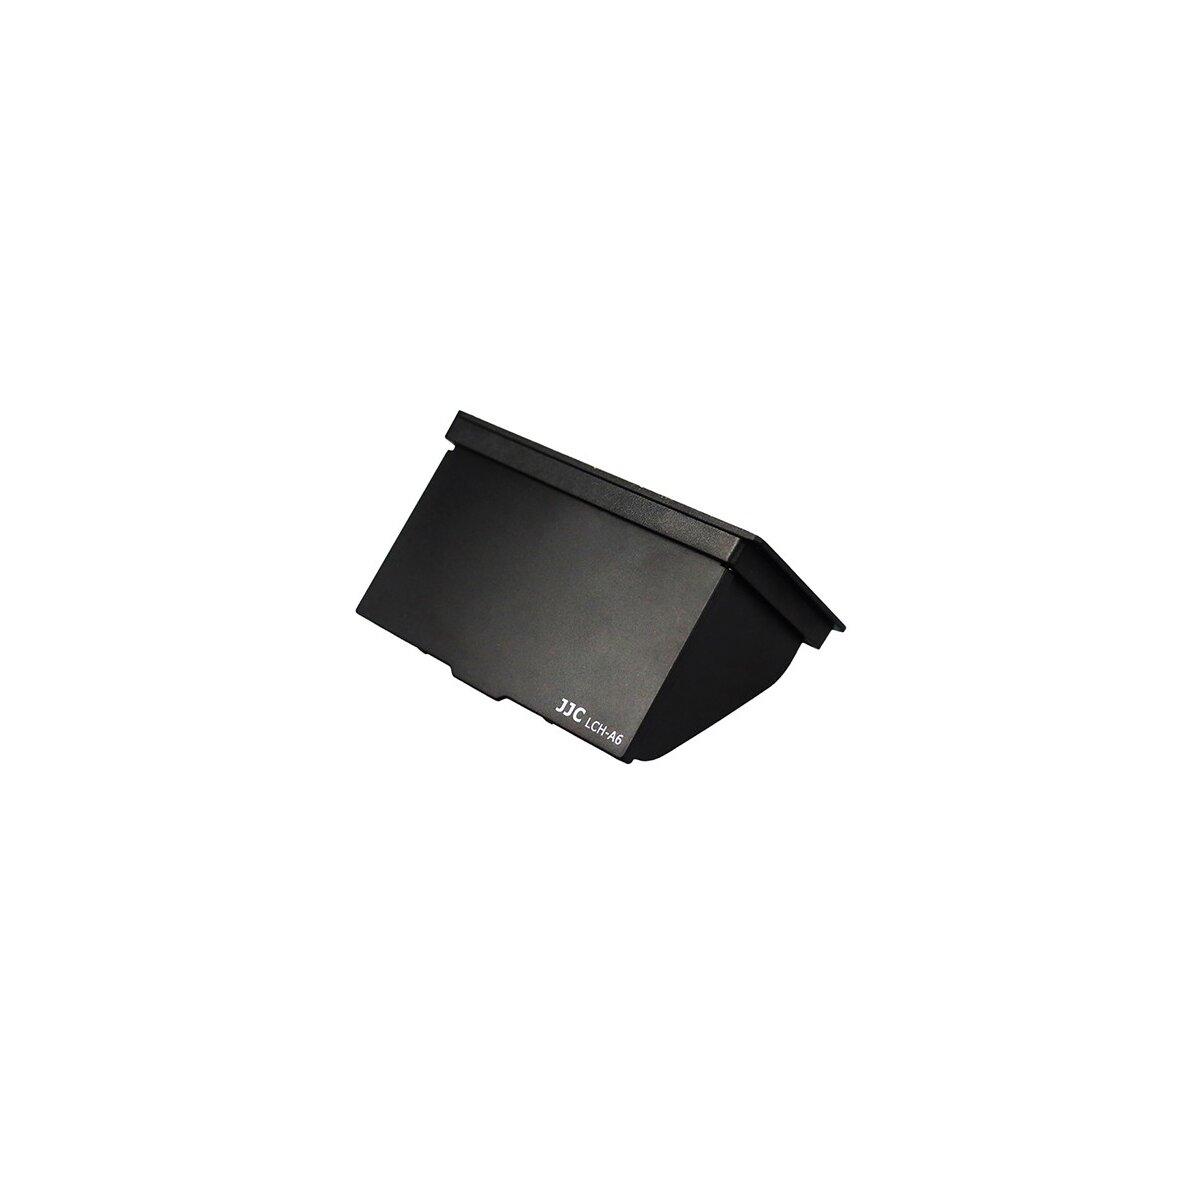 JJC Displayschutzblende geeignet für Sony A6000 Sony A6300 Sony A6500 schützt Ihr LCD vor Kratzern, Stößen, Schmutz, Sprizwasser